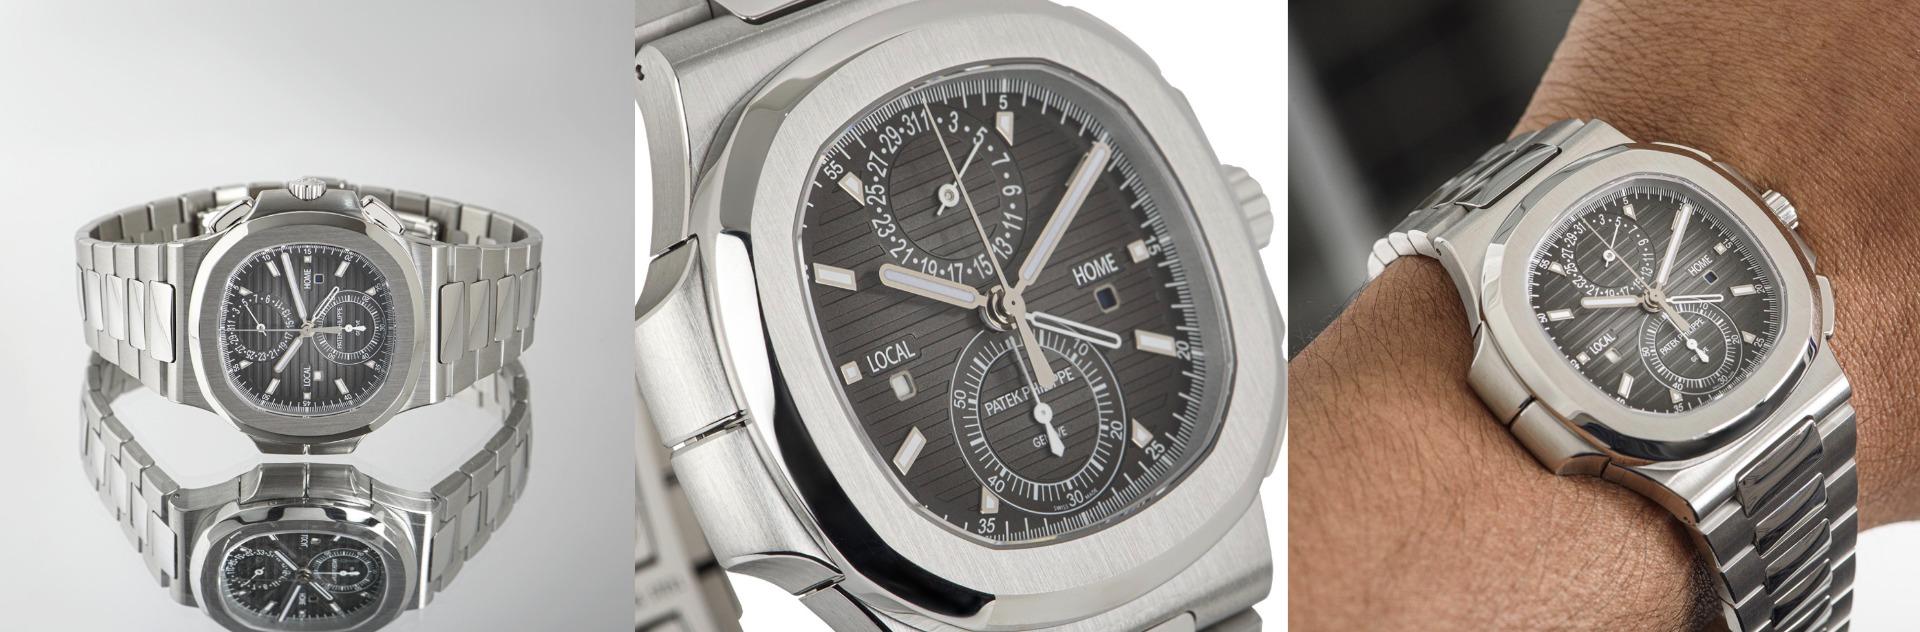 PATEK PHILIPPE - Nautilus Watches